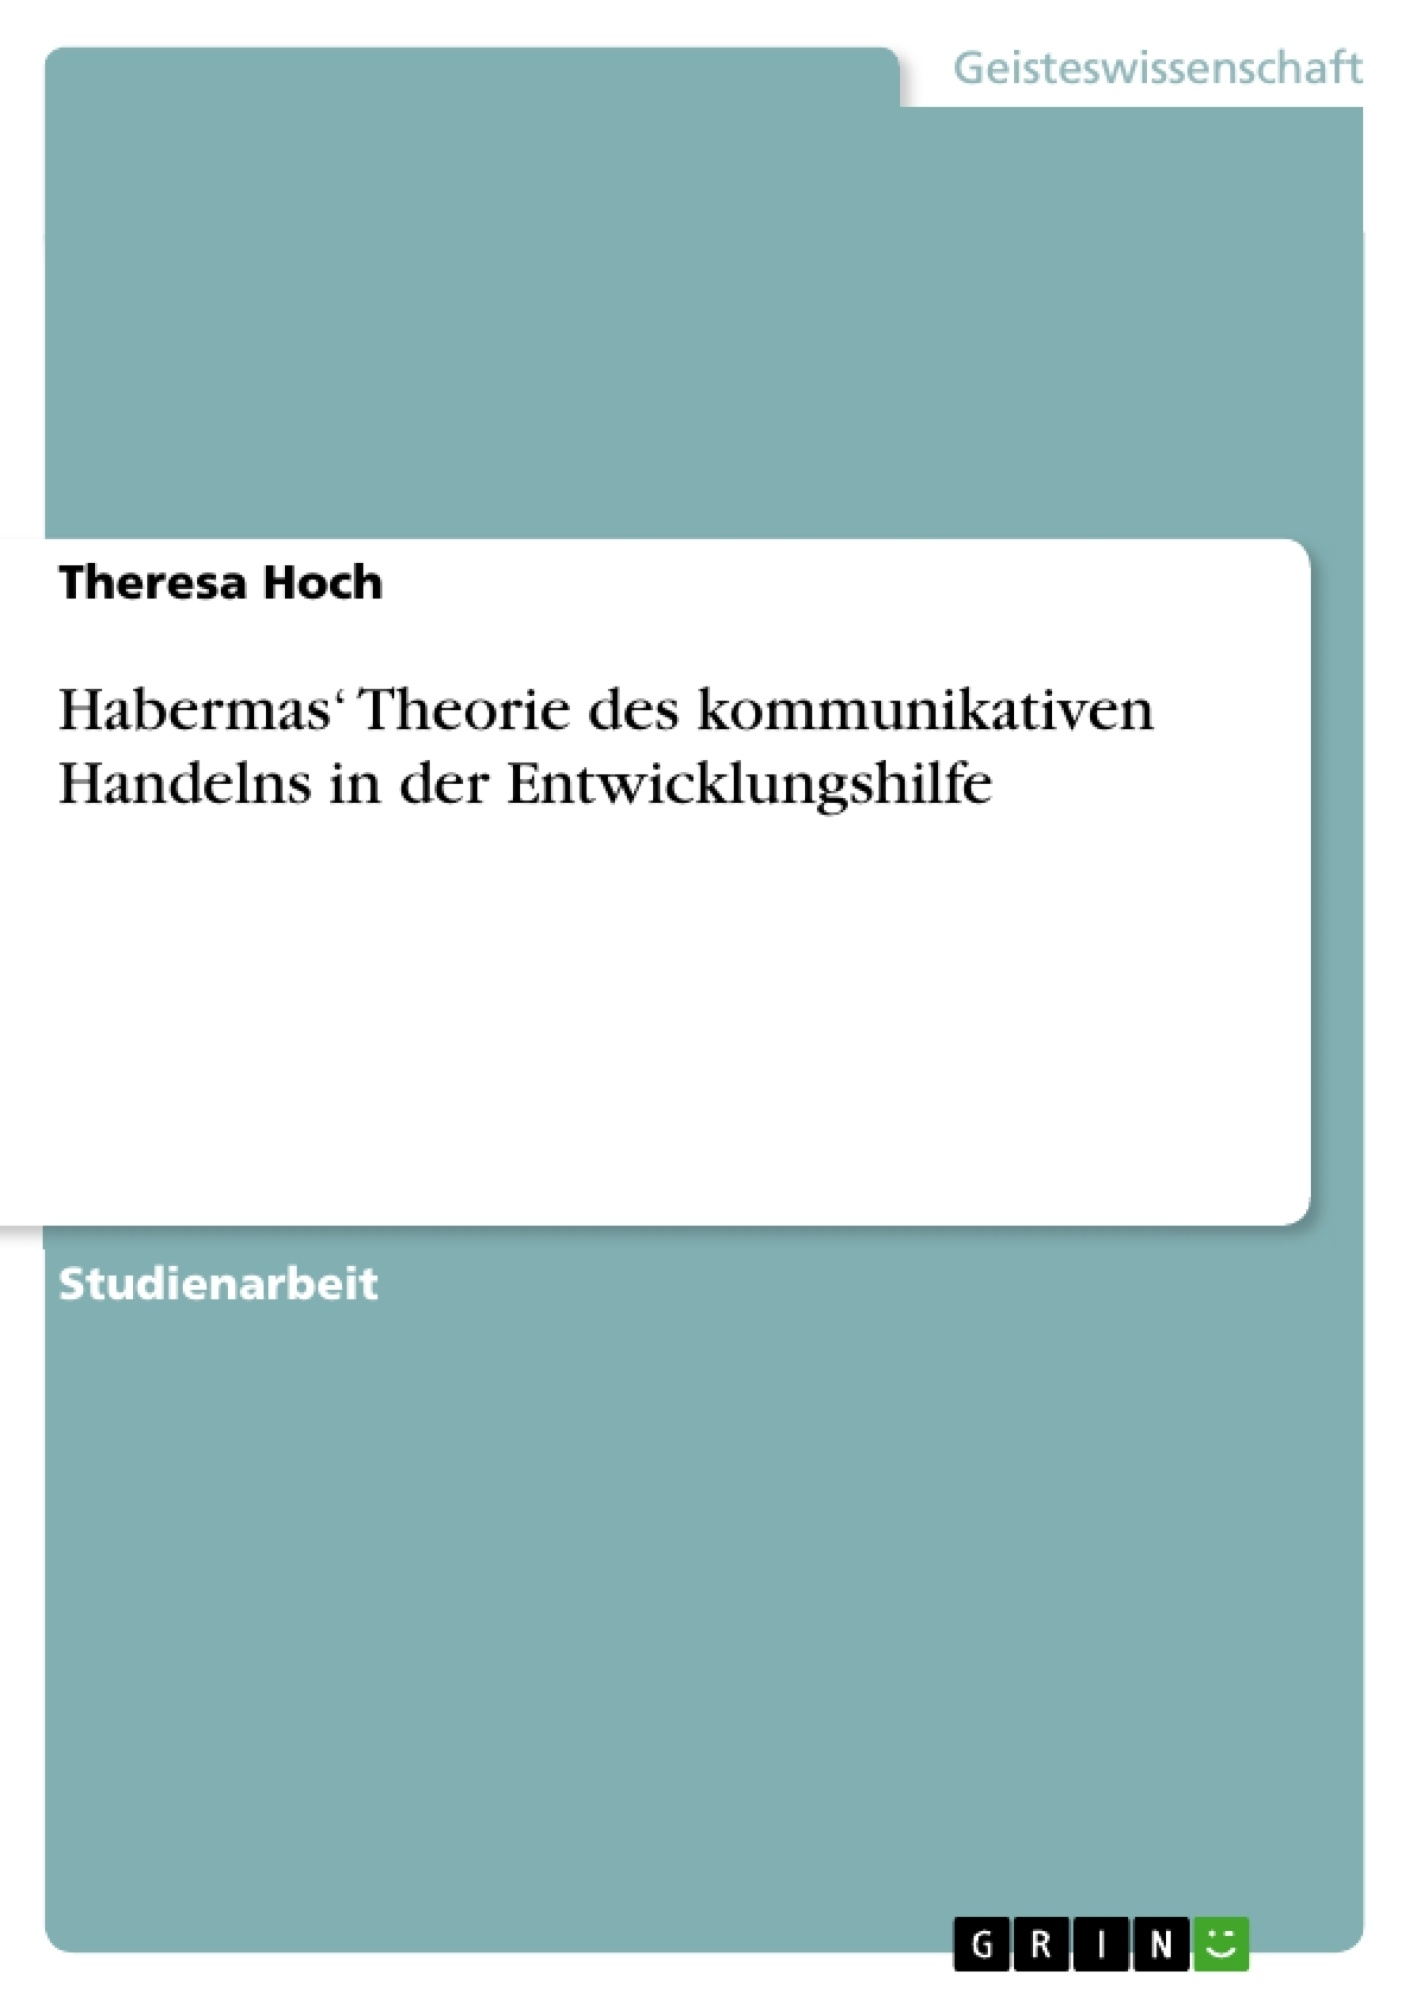 Titel: Habermas' Theorie des kommunikativen Handelns in der Entwicklungshilfe